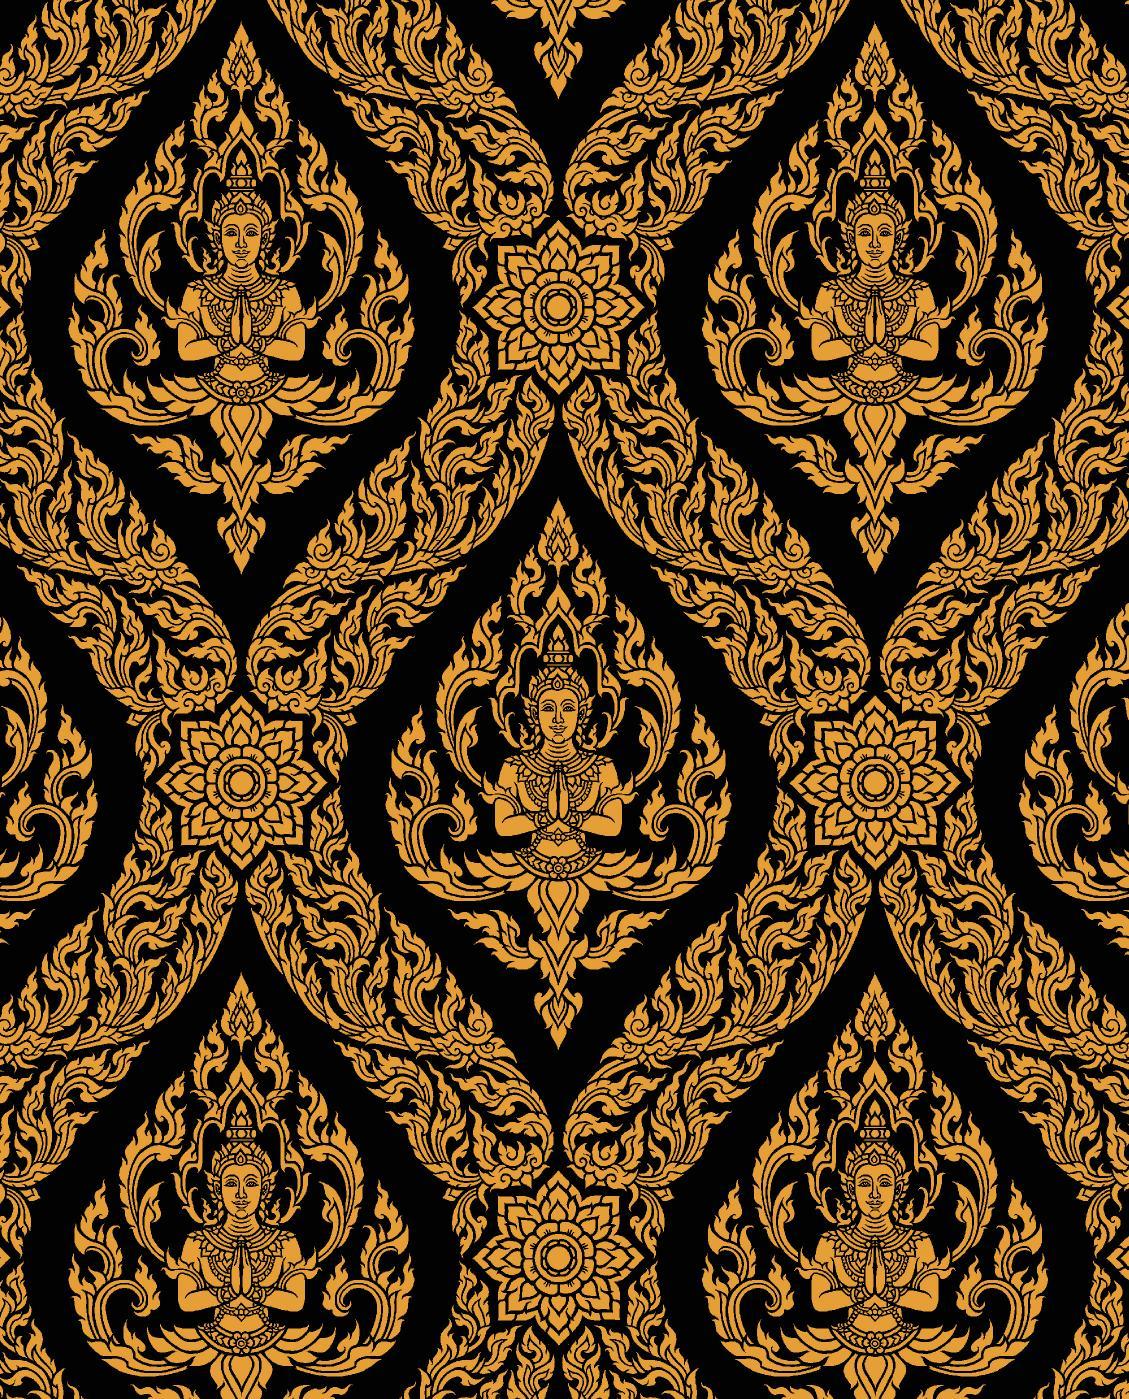 วอลเปเปอร์ลายไทย - ลายเทพพนม ทอง-ดำ